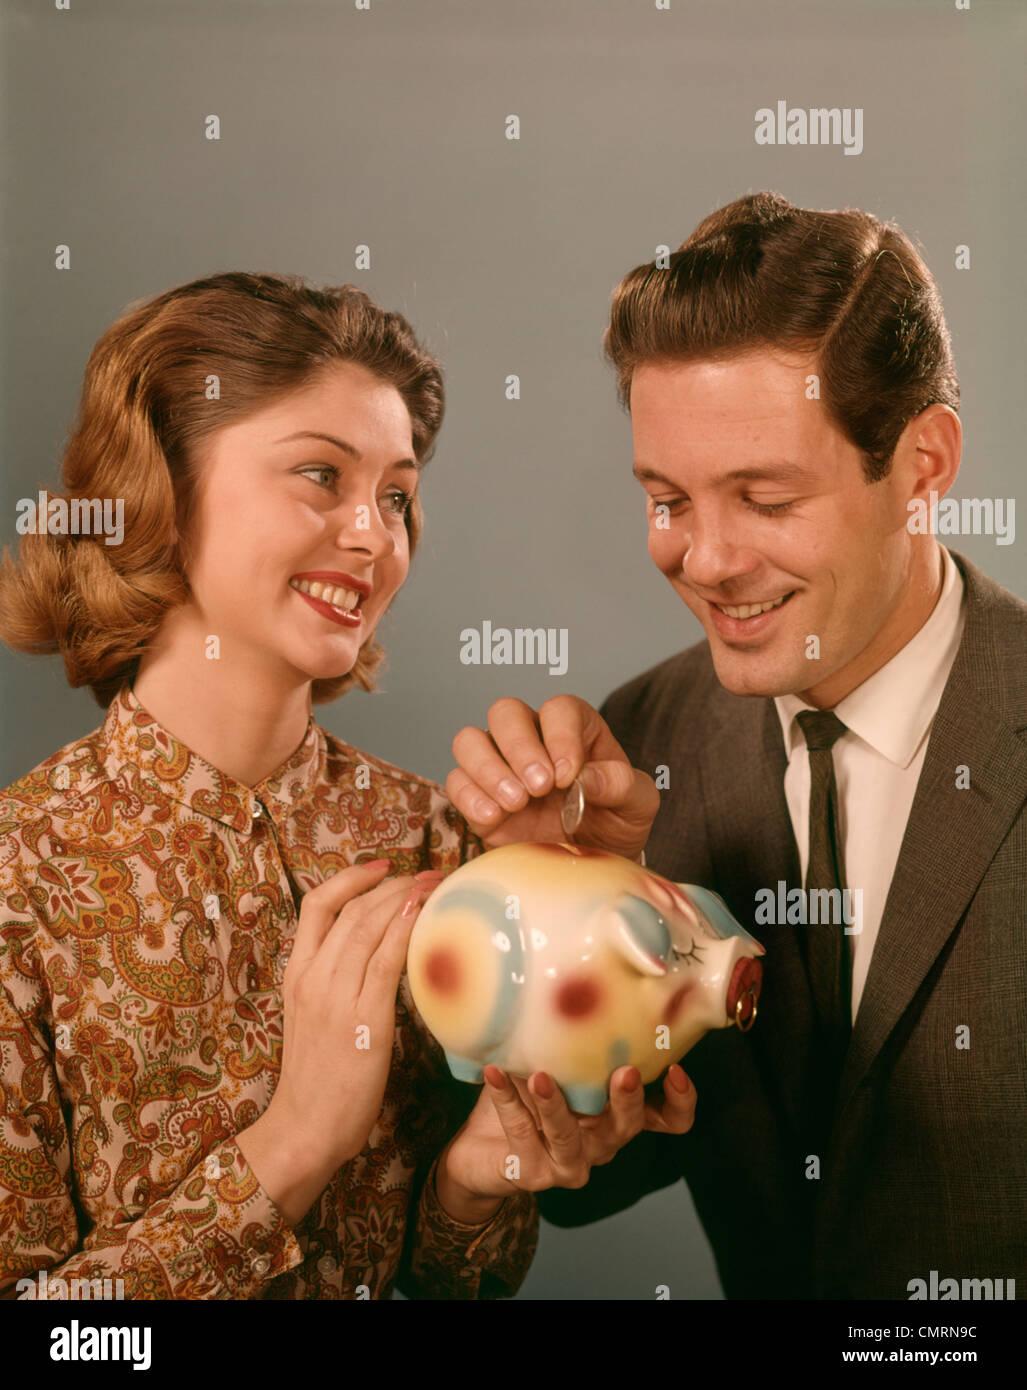 1960 1960 HAPPY SMILING COUPLE METTRE DES PIÈCES DANS LA TIRELIRE COCHON FINANCE ARGENT ÉPARGNE BANCAIRE Photo Stock